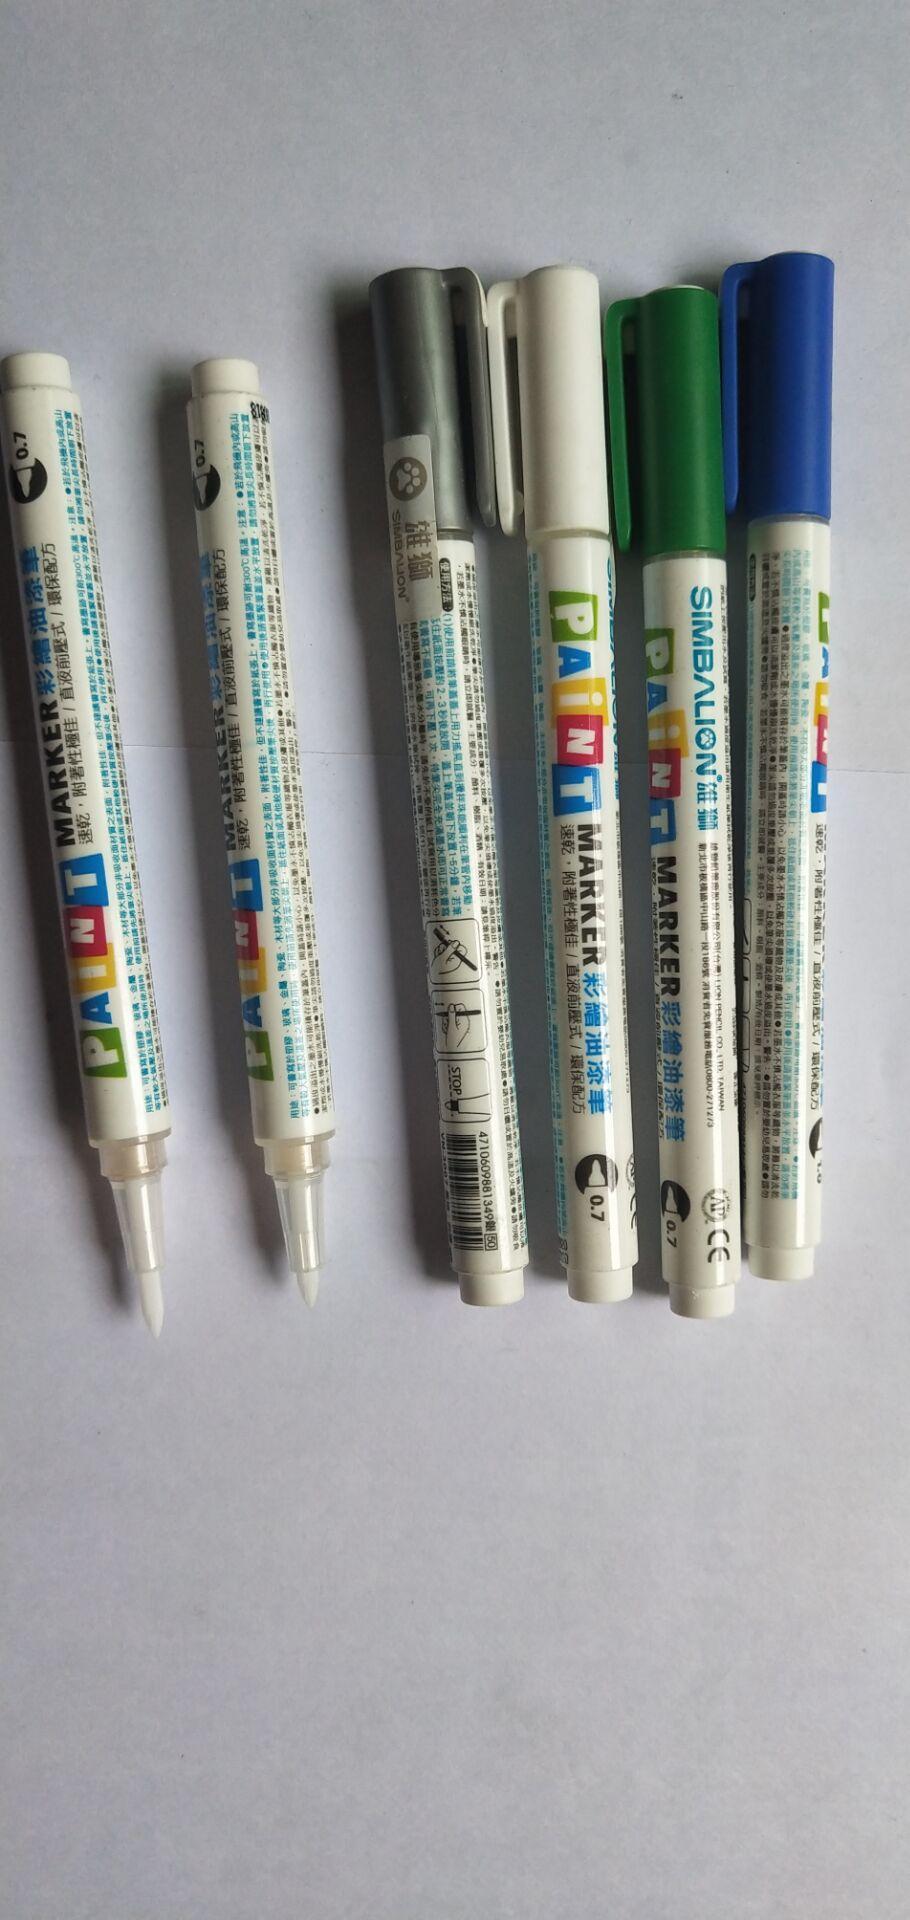 臺灣雄獅MARKER彩繪油漆筆(VN-3010)耐高溫 正品保証提供SGS 1